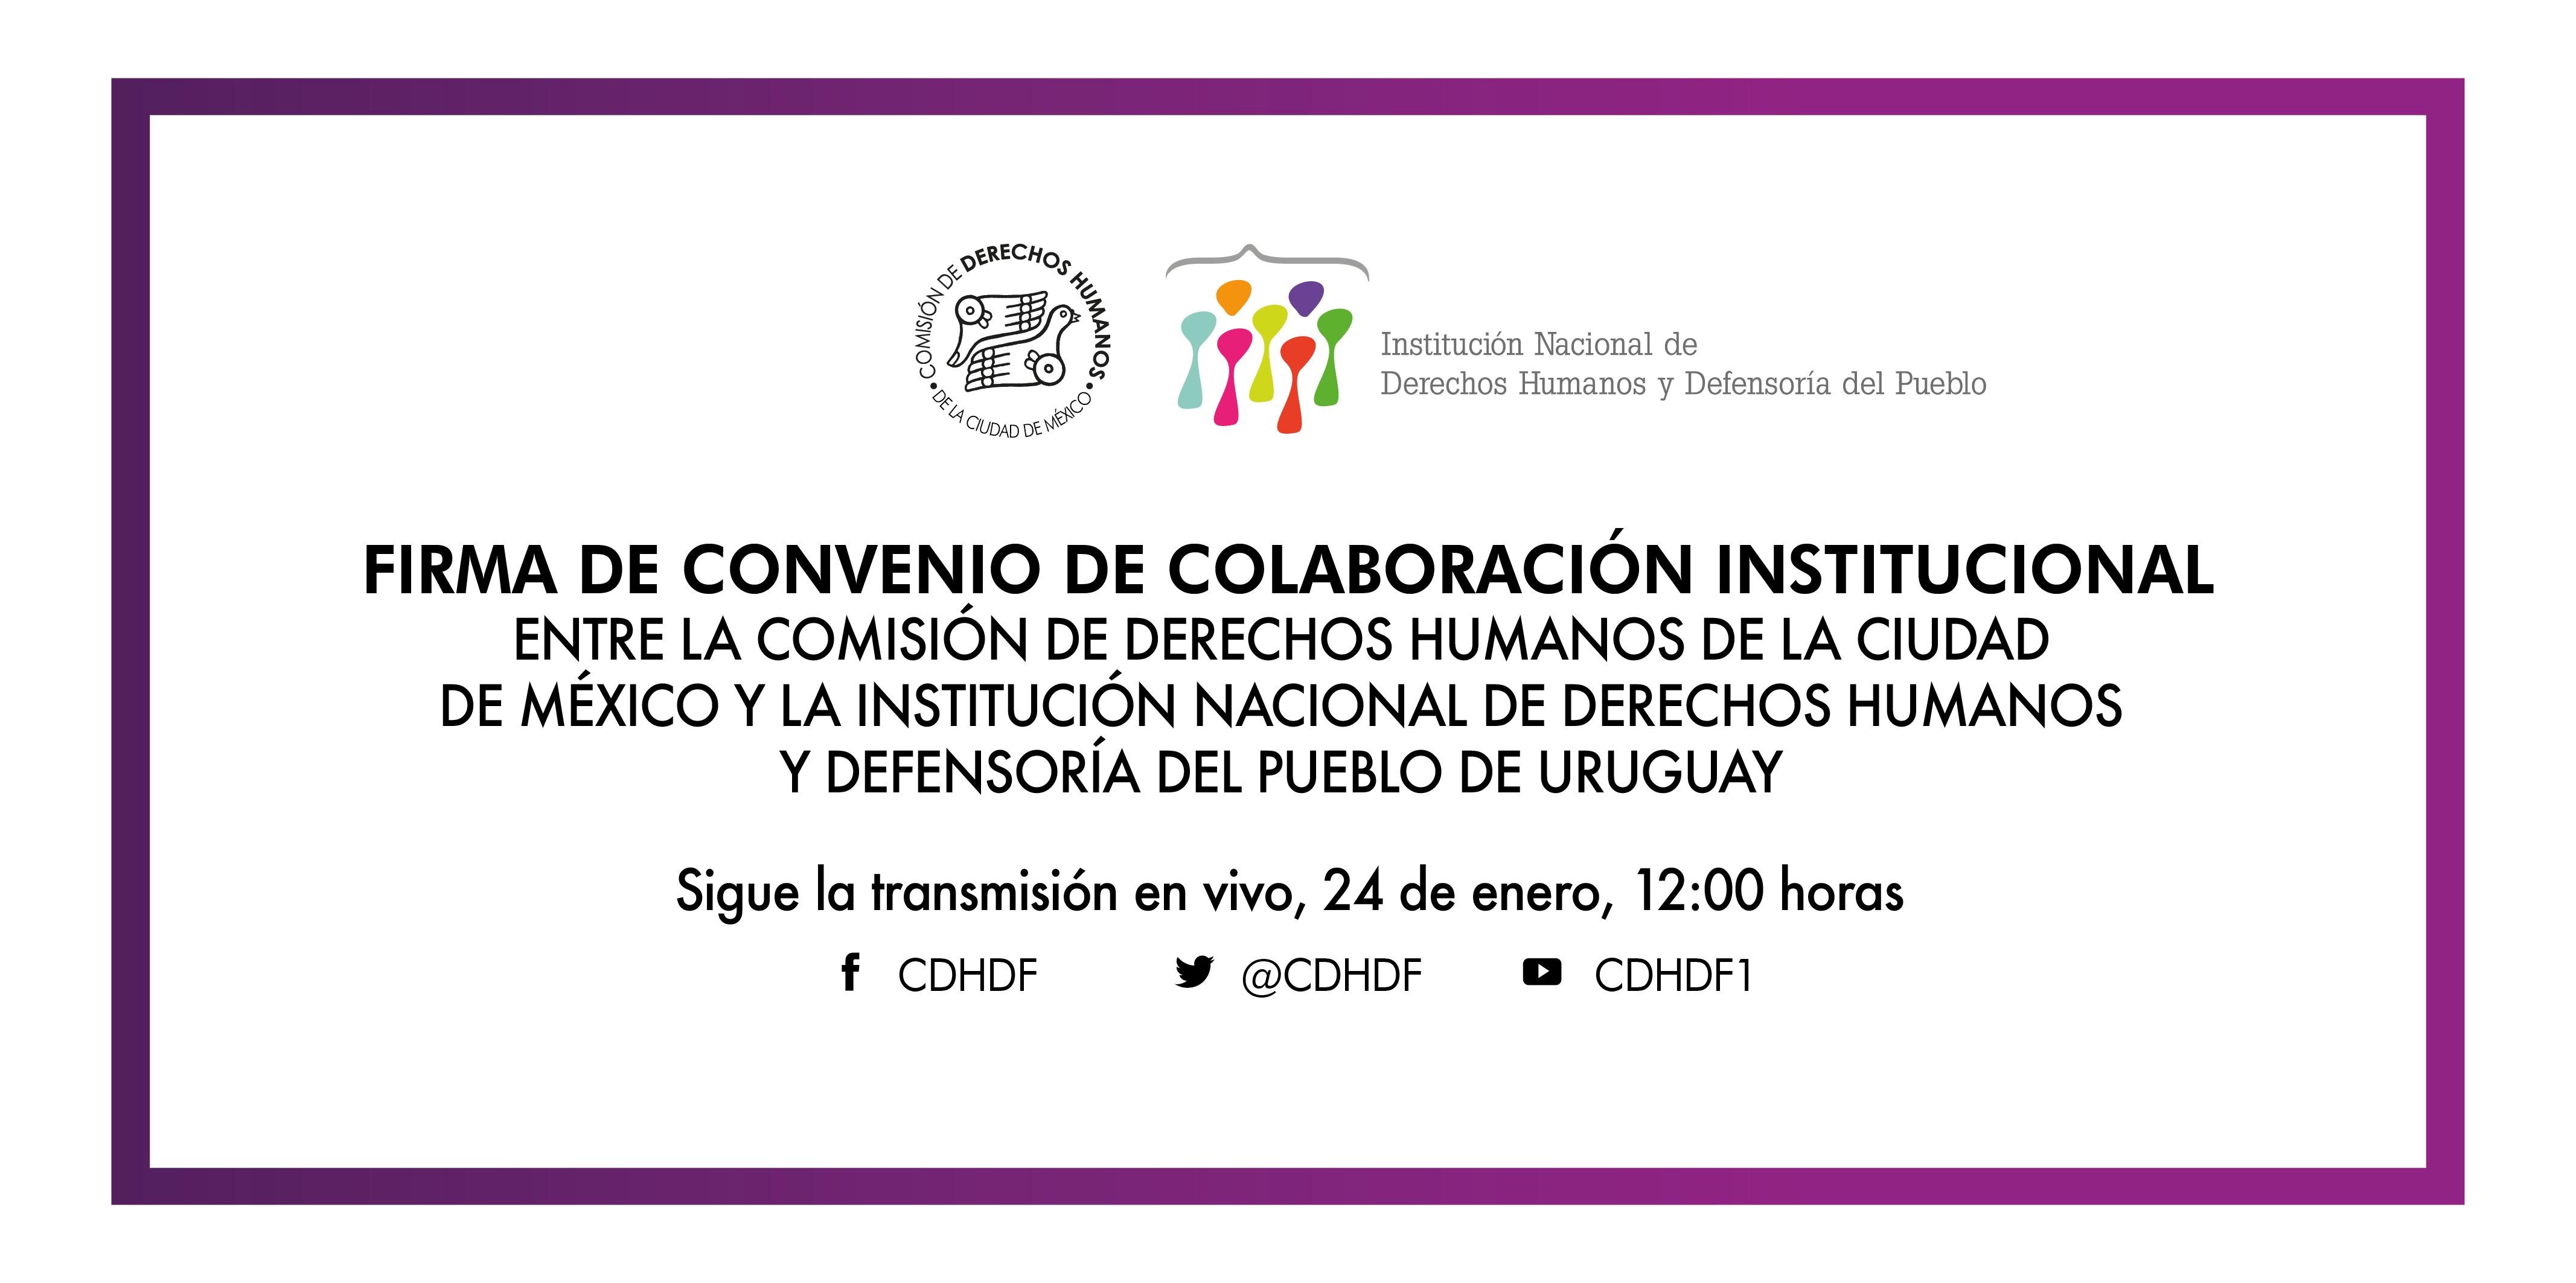 Firma de Convenio Marco de Colaboración entre la CDHCM y la INDDHH